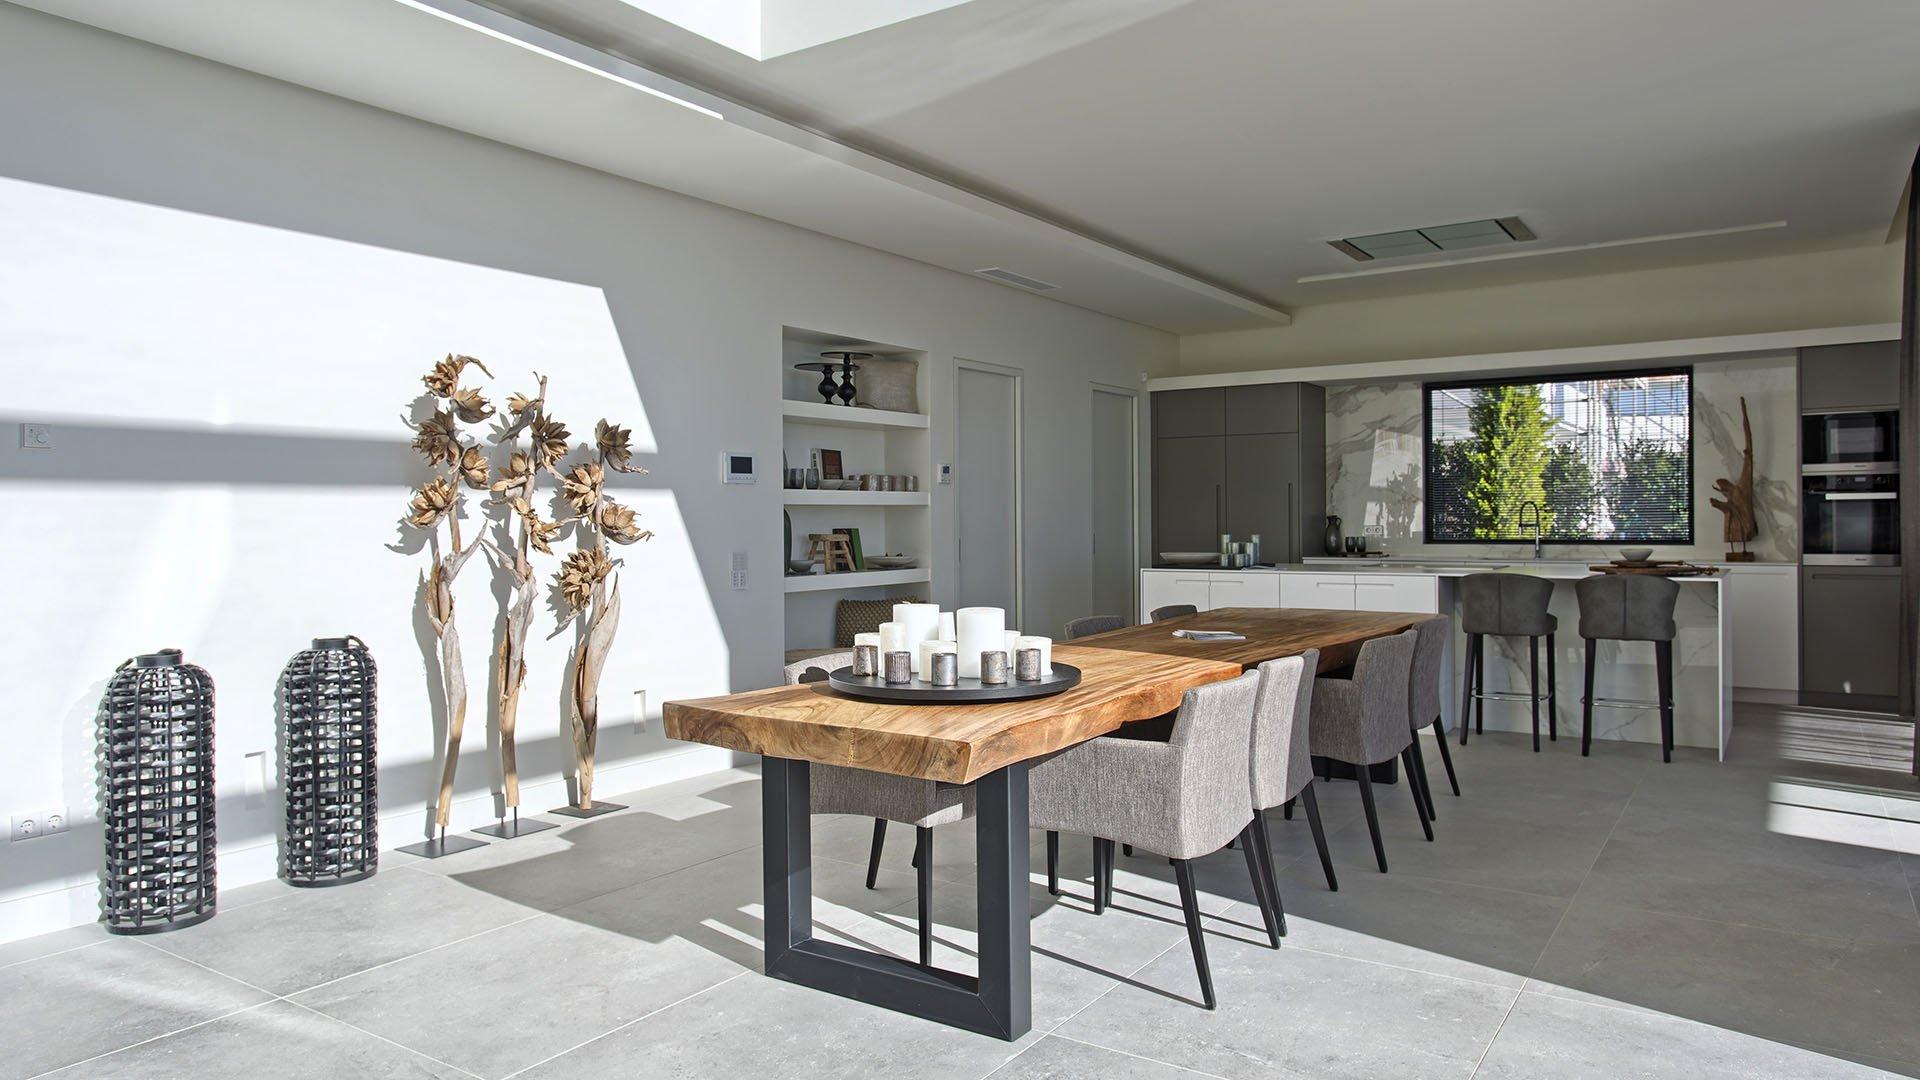 Villa La Alqueria: Contemporary luxury villa with stunning views of the sea